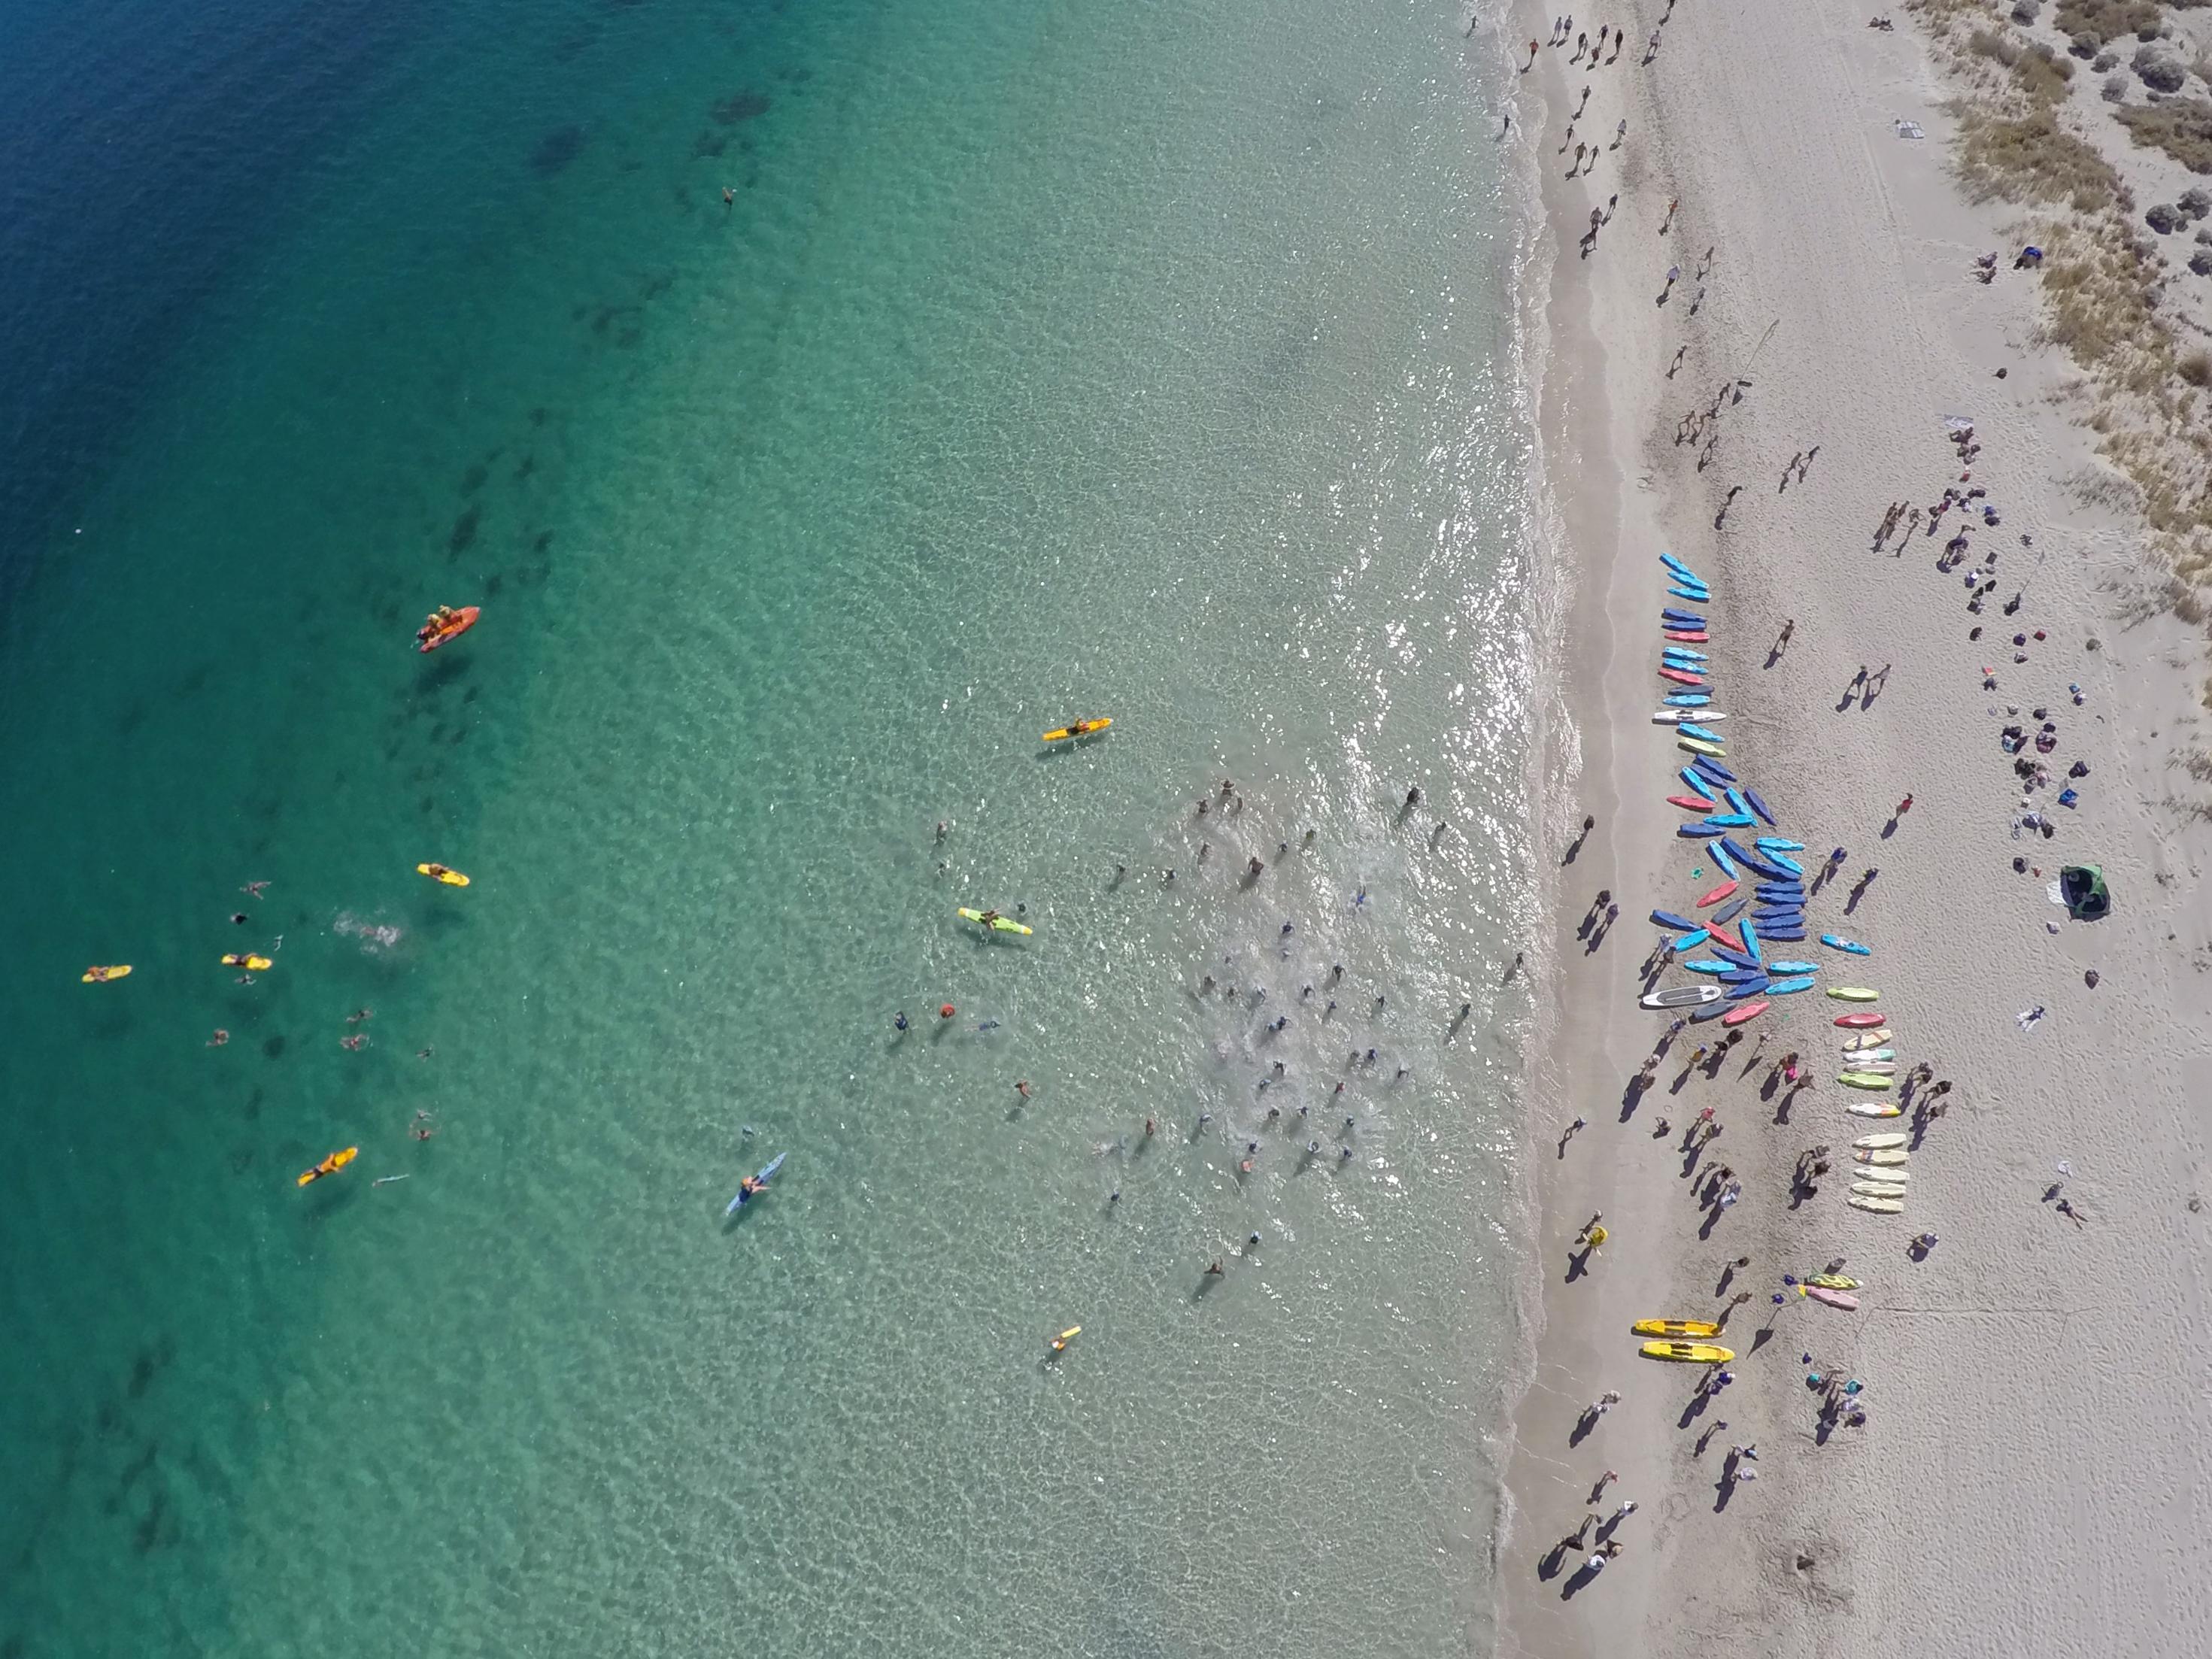 Surf Life Saving2